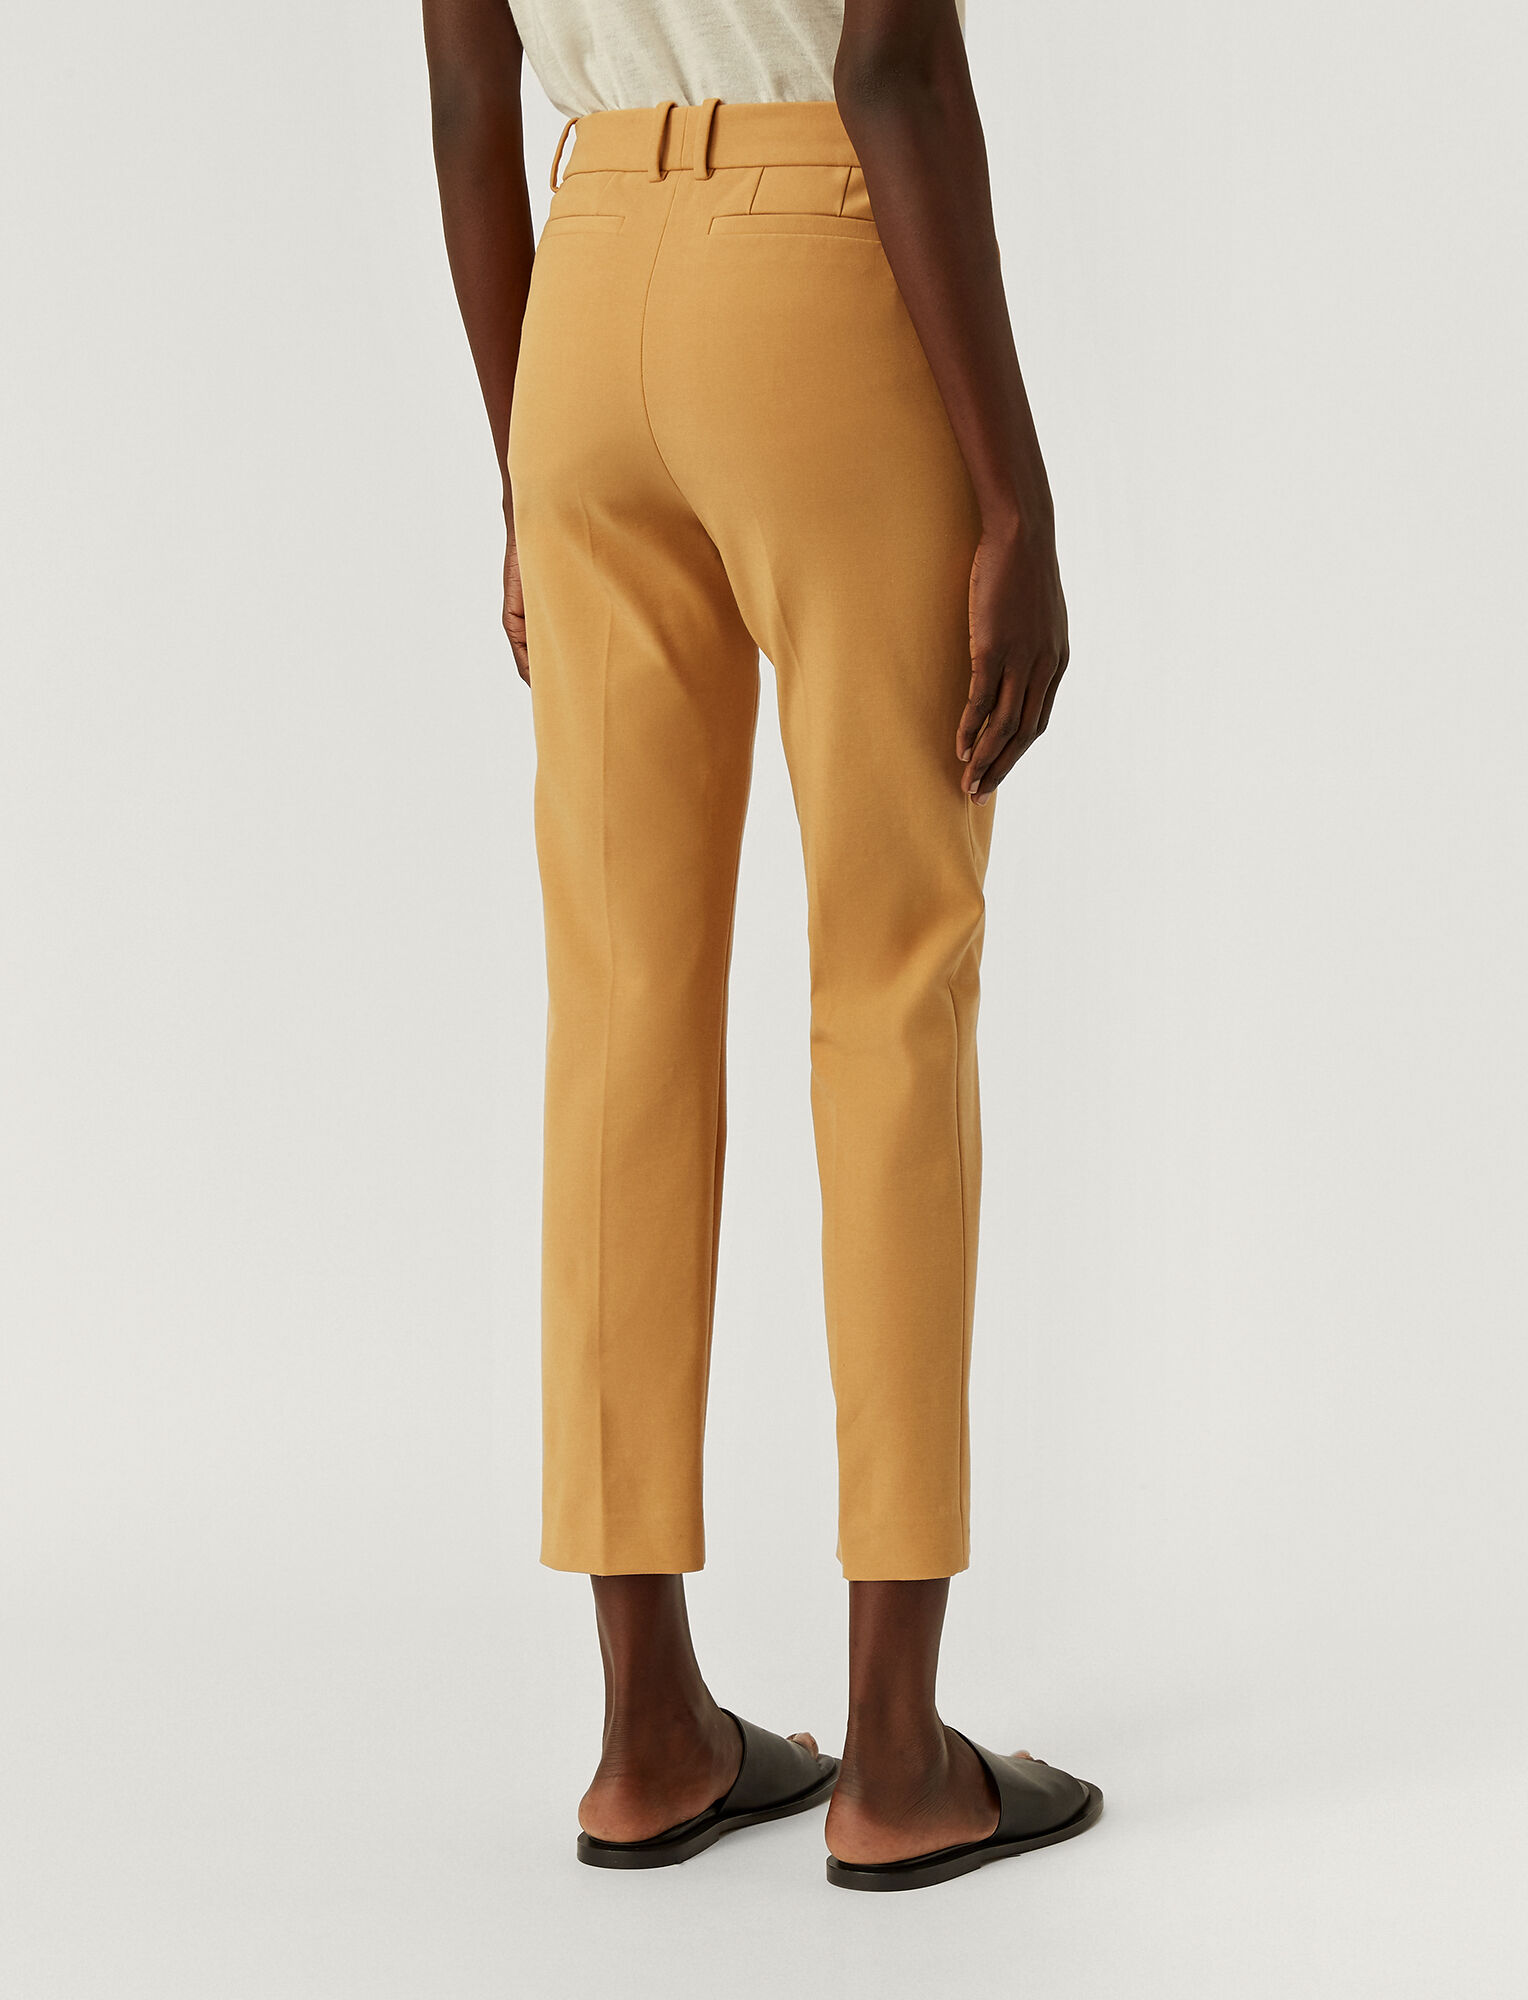 Joseph, Bi-Stretch Toile Coleman Trousers, in OAK